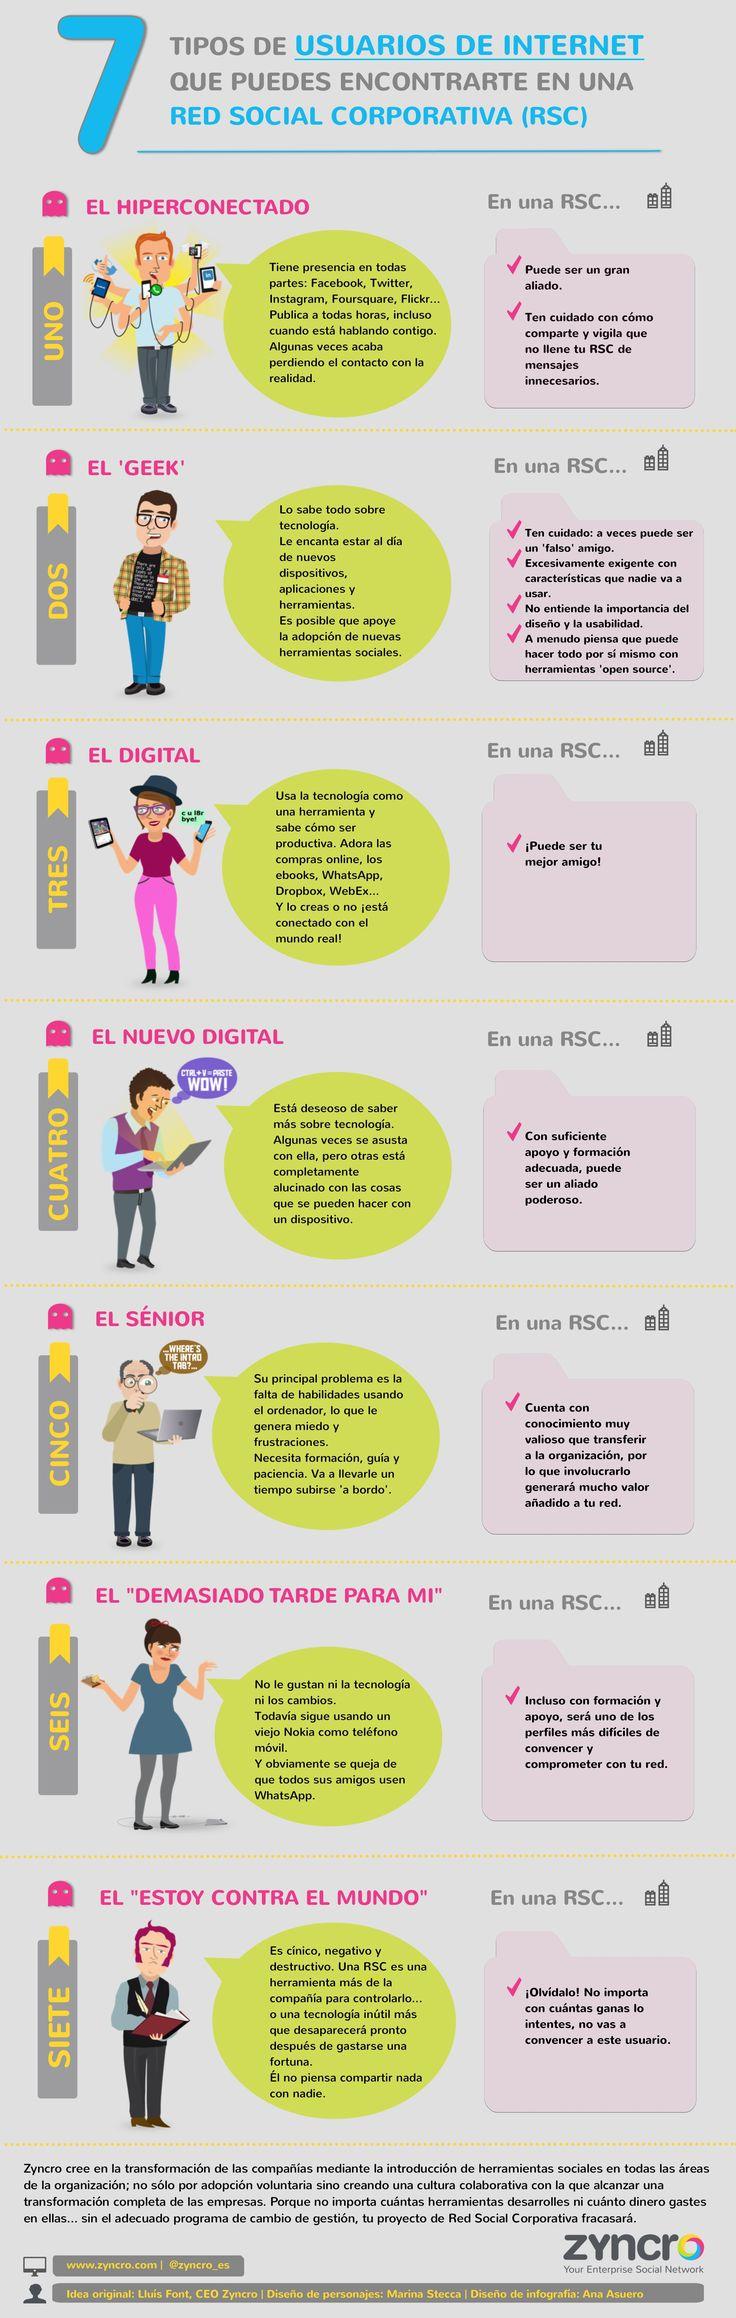 7 tipos de usuarios que hay en una Red Social Corporativa #infografia #infographic #socialmedia